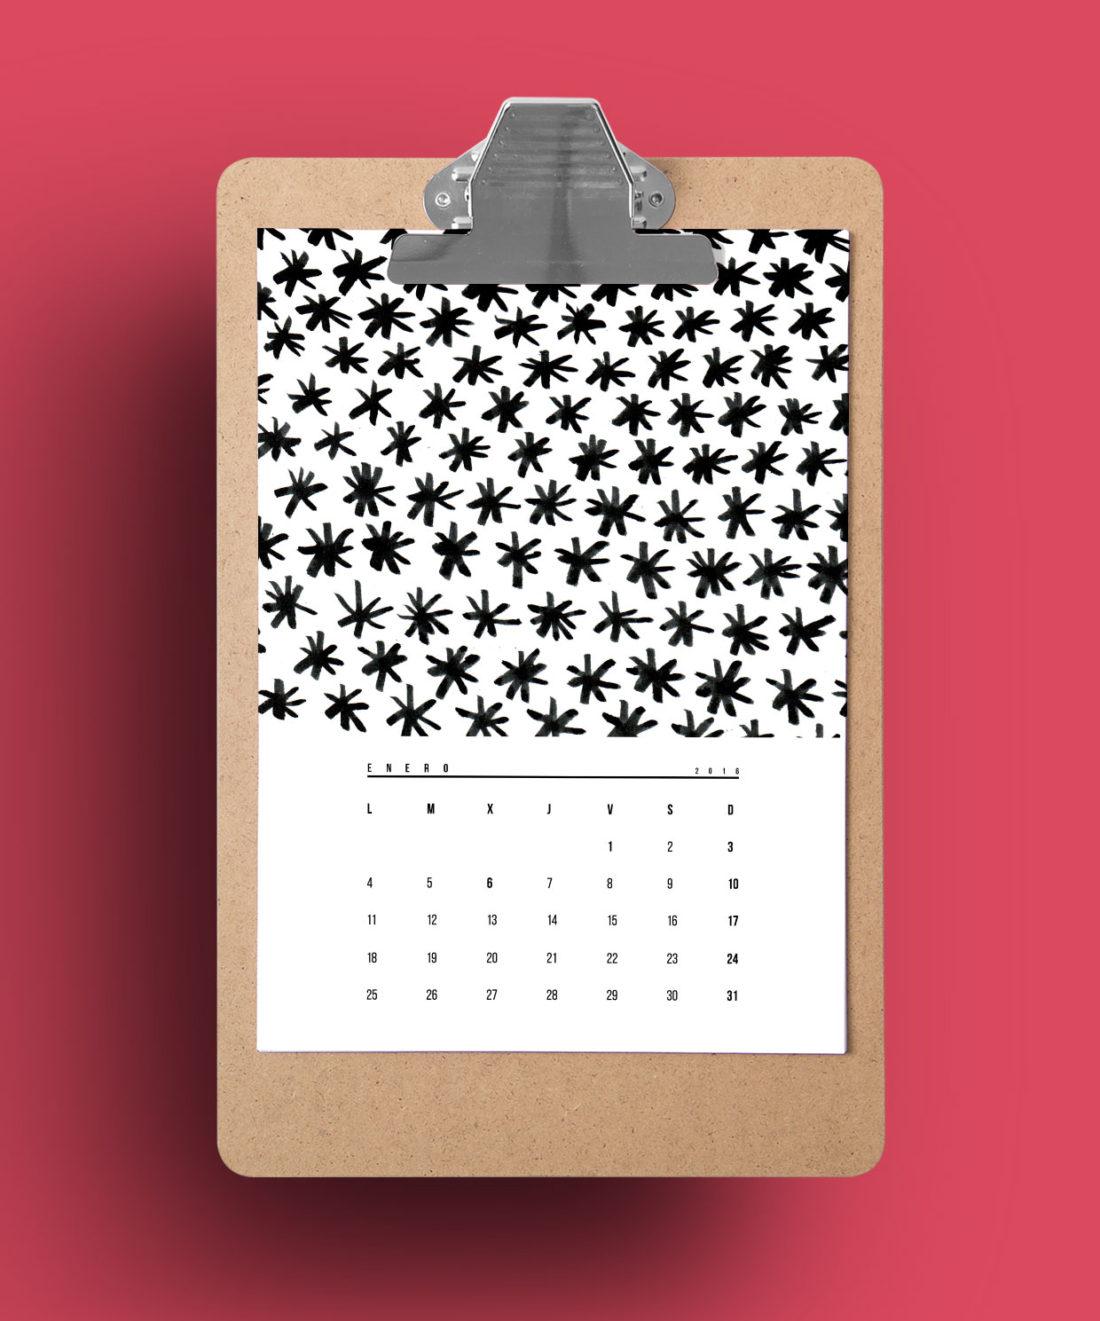 calendario-1ene